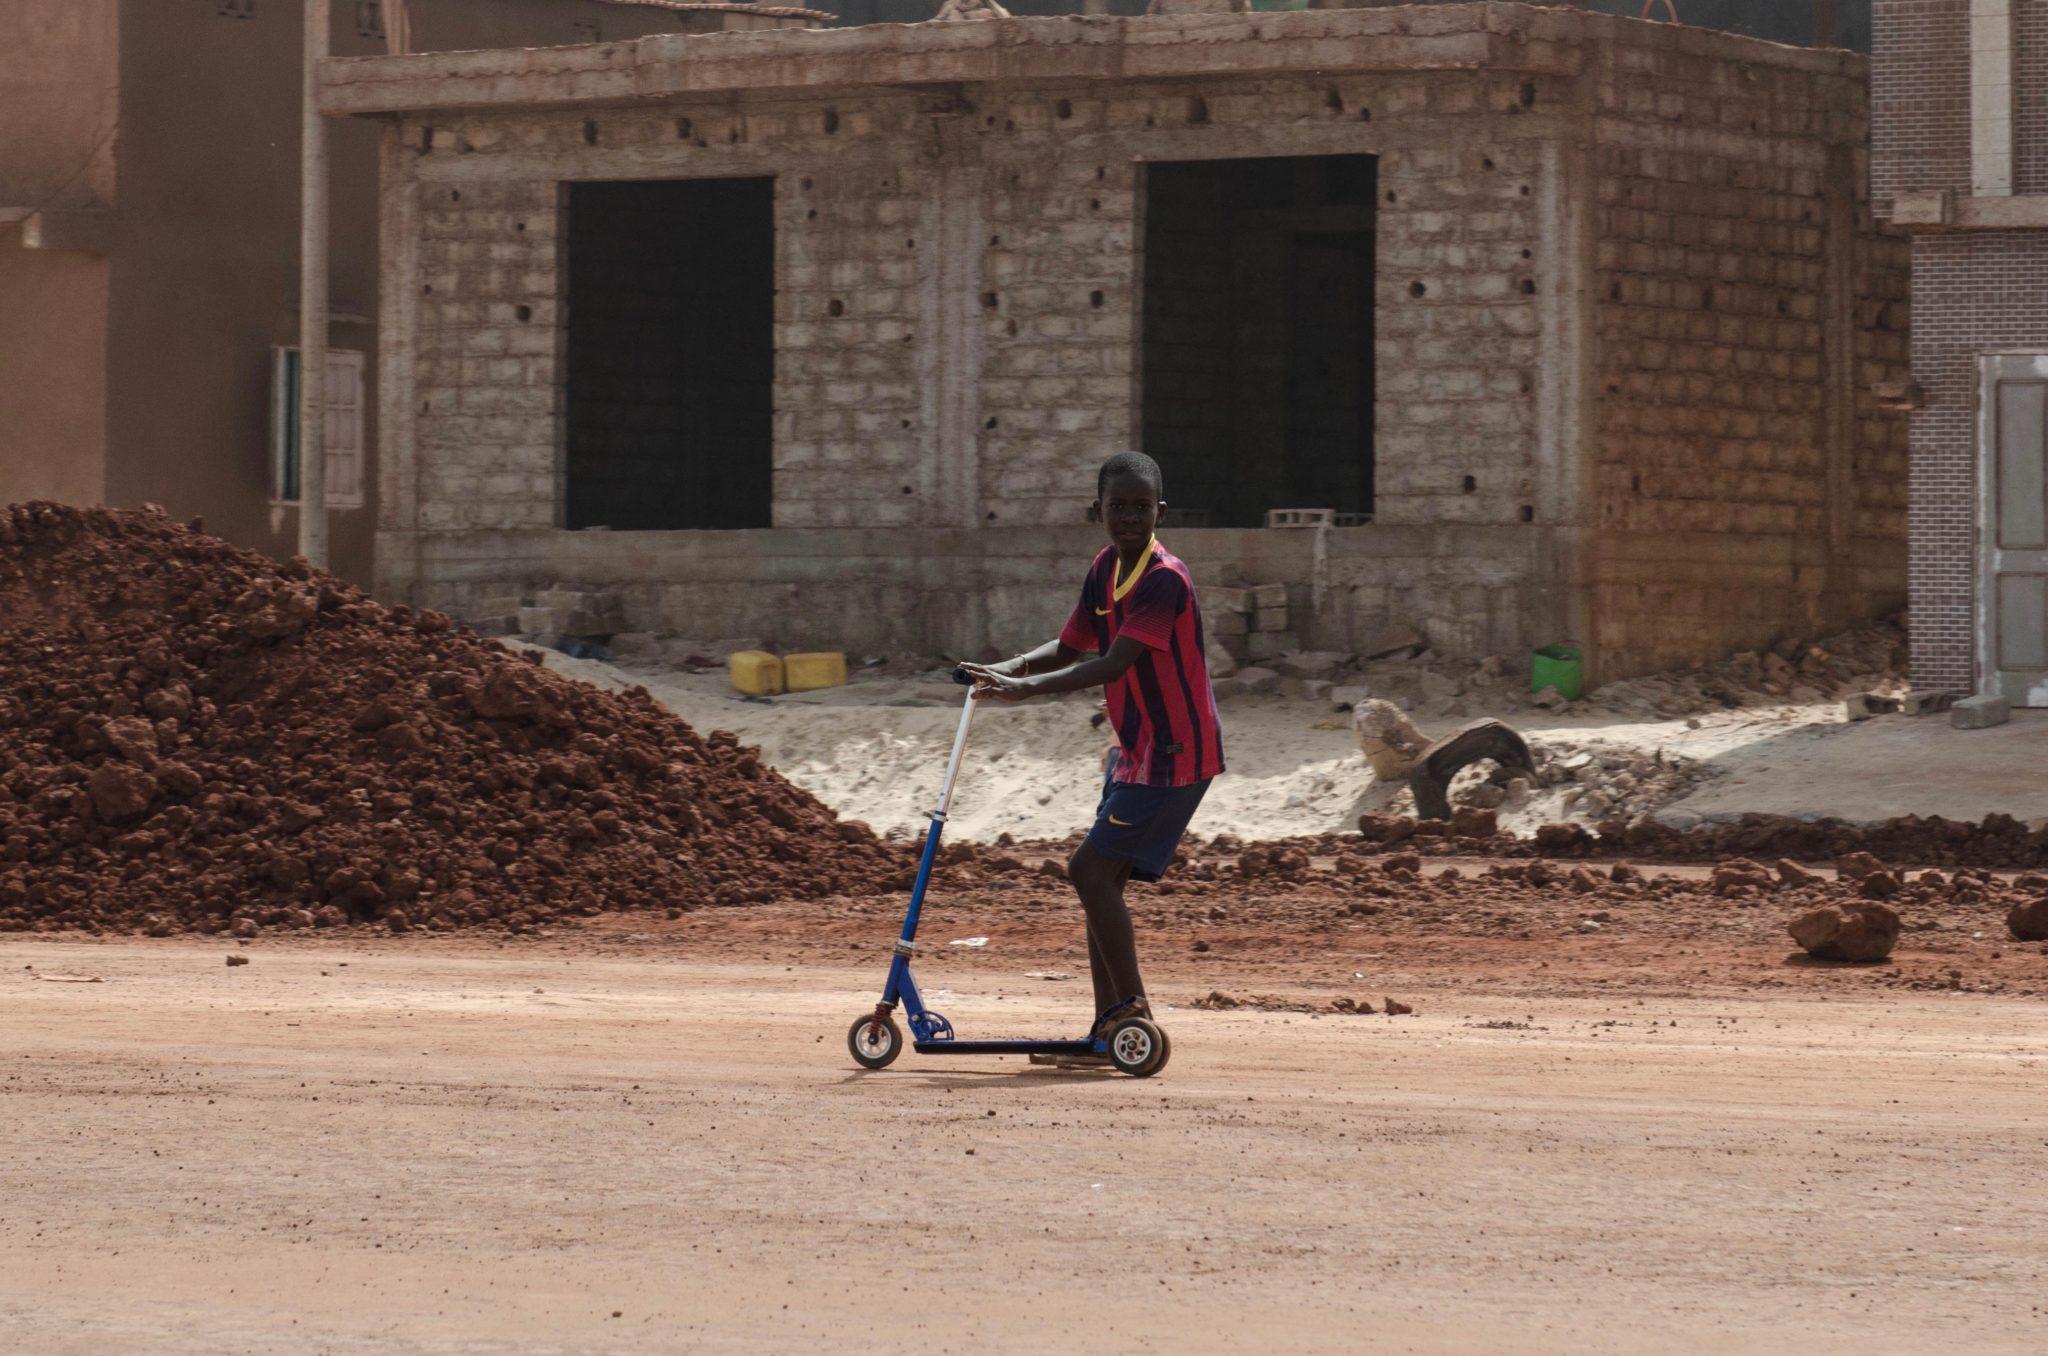 Mit dem Roller über den Sand klappt für den Jungen in Yoff Dakar ganz gut